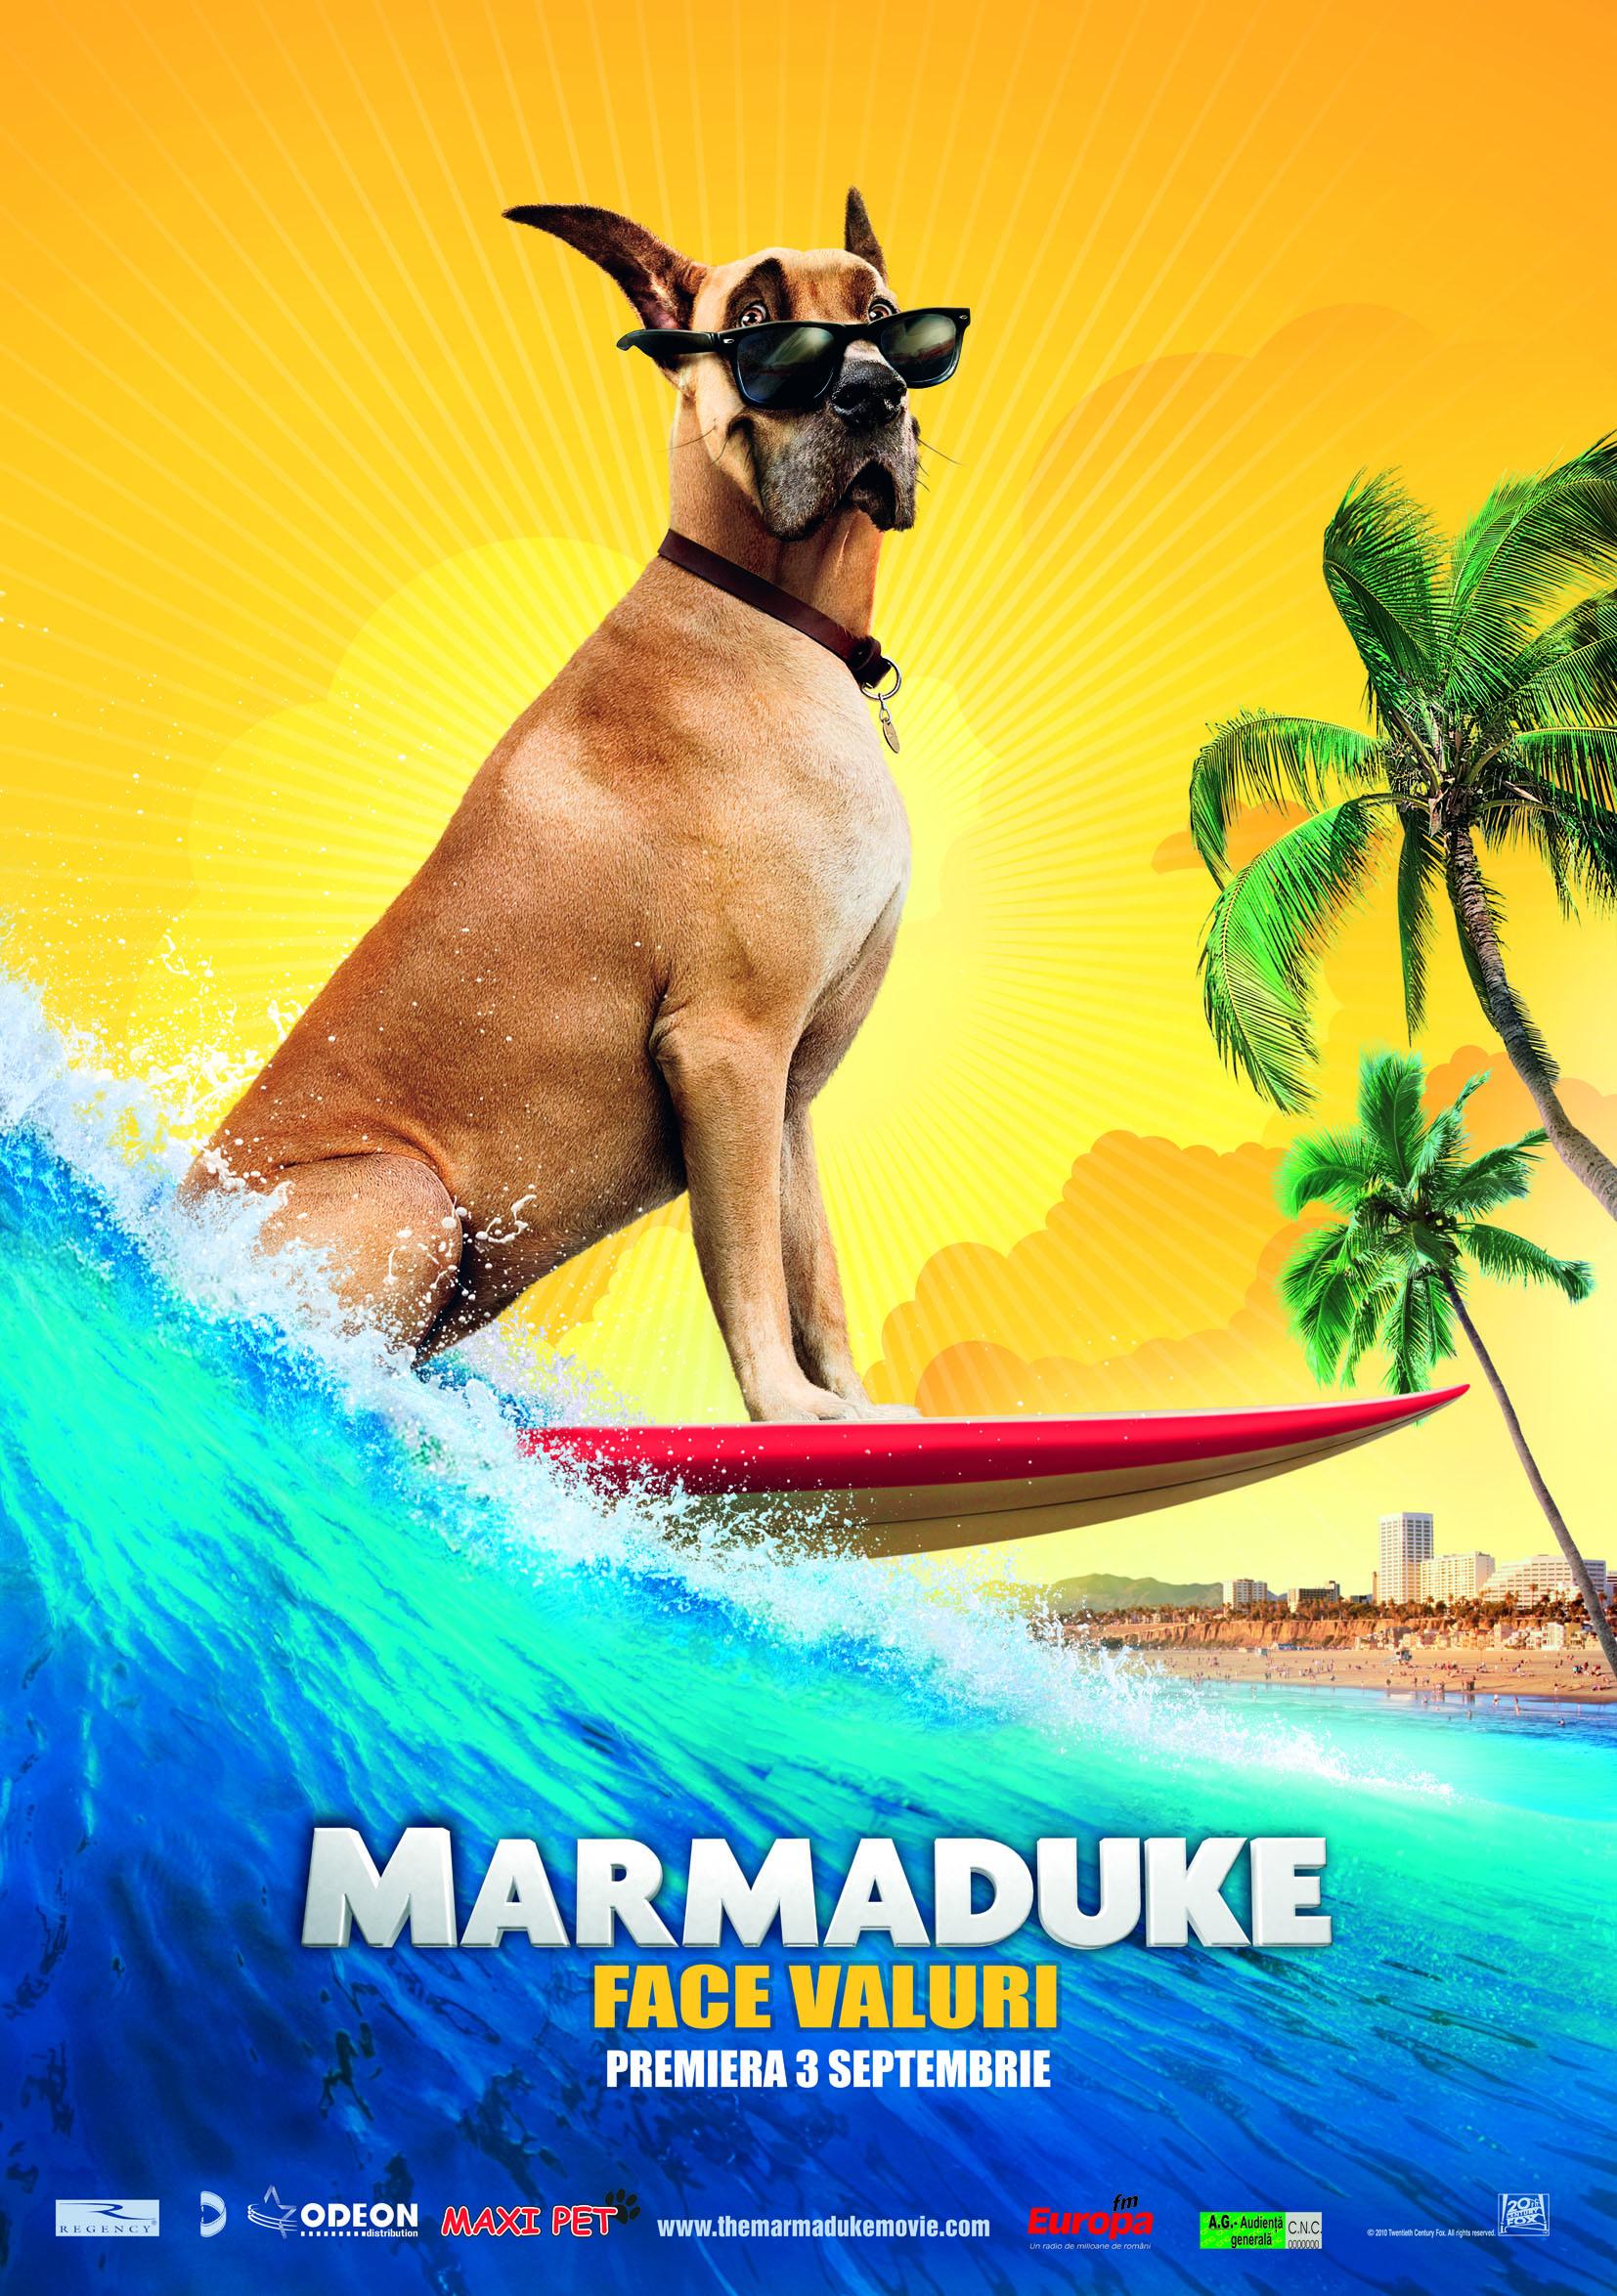 Marmaduke, cel mai adorabil Mare Danez din lume, sare de la faima din benzi desenate (care apar în 600 de ziare, în peste 20 de ţări) la statutul de vedetă pe marele ecran. În această comedie de familie, uriaşul câine, care nu s-a adaptat niciodată, găseşte, în sfârşit, un loc unde poate ieşi în evidenţă. <br /><br />Acum, trăind pe picior mare în Orange County, California, Marmaduke îşi ajută familia să facă marea tranziţie din Midwest în O.C., dar descoperă, de asemenea, că integrarea cu cei patru prieteni patrupezi ai lui nu e întotdeauna uşoară pentru un câine adolescent de 90 kg.<br /><br />    Din fericire pentru Marmaduke, nu e nevoit să facă pasul singur deoarece e întotdeauna însoţit de fratele său vitreg şi cel mai bun prieten, Carlos, un motan Albastru de Rusia, care-i apără spatele.